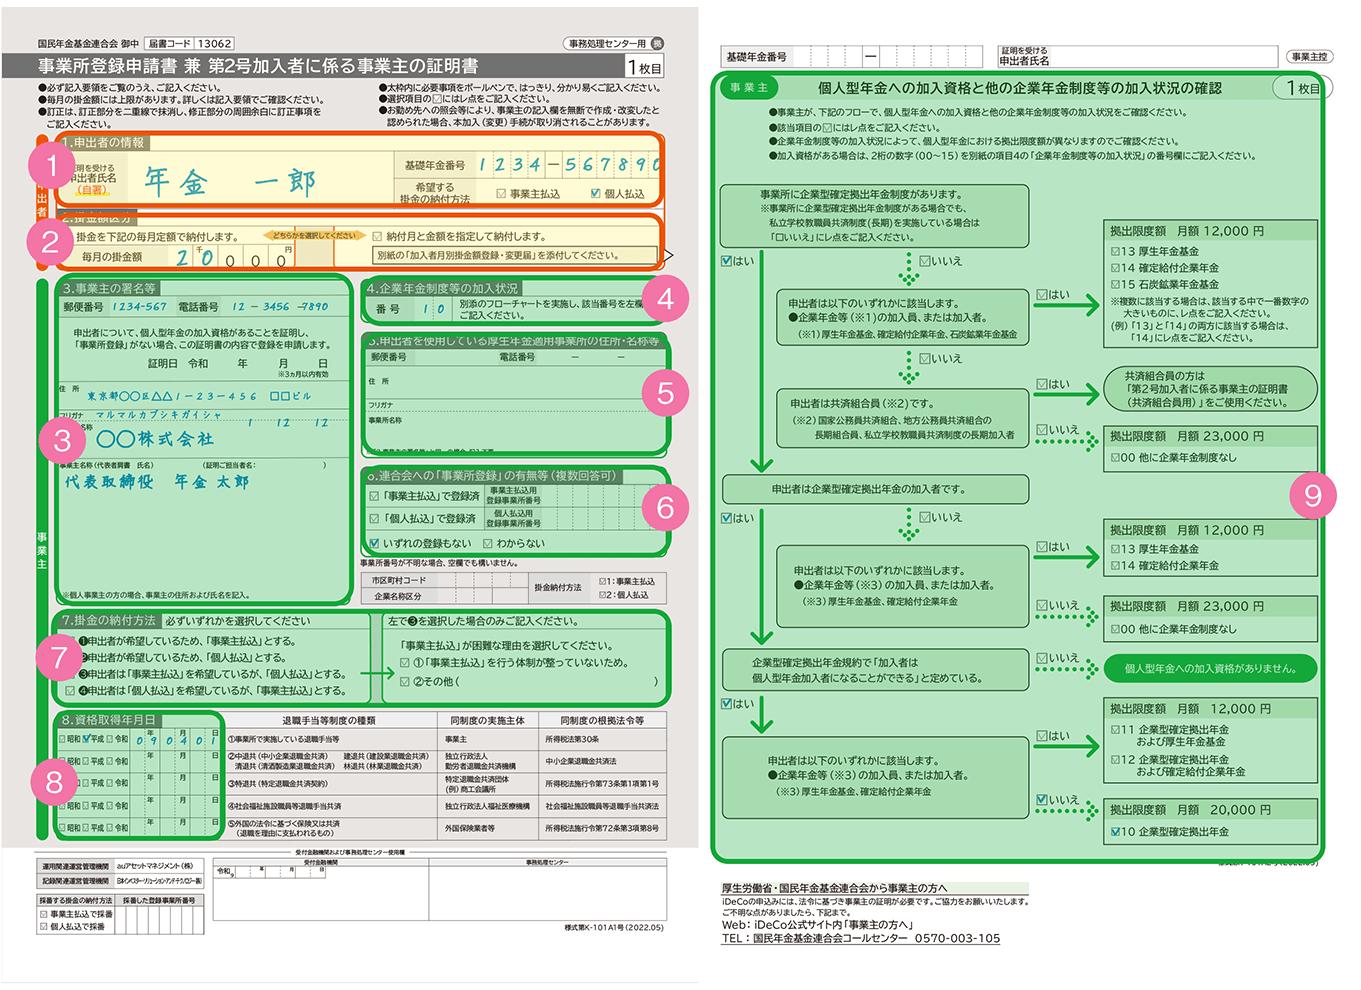 「事業所登録申請書 兼 第2号加入者に係る事業主の証明書(会社員)」の「3.事業主の署名等」以降(緑色)は事業主の方が記入いただく箇所となります